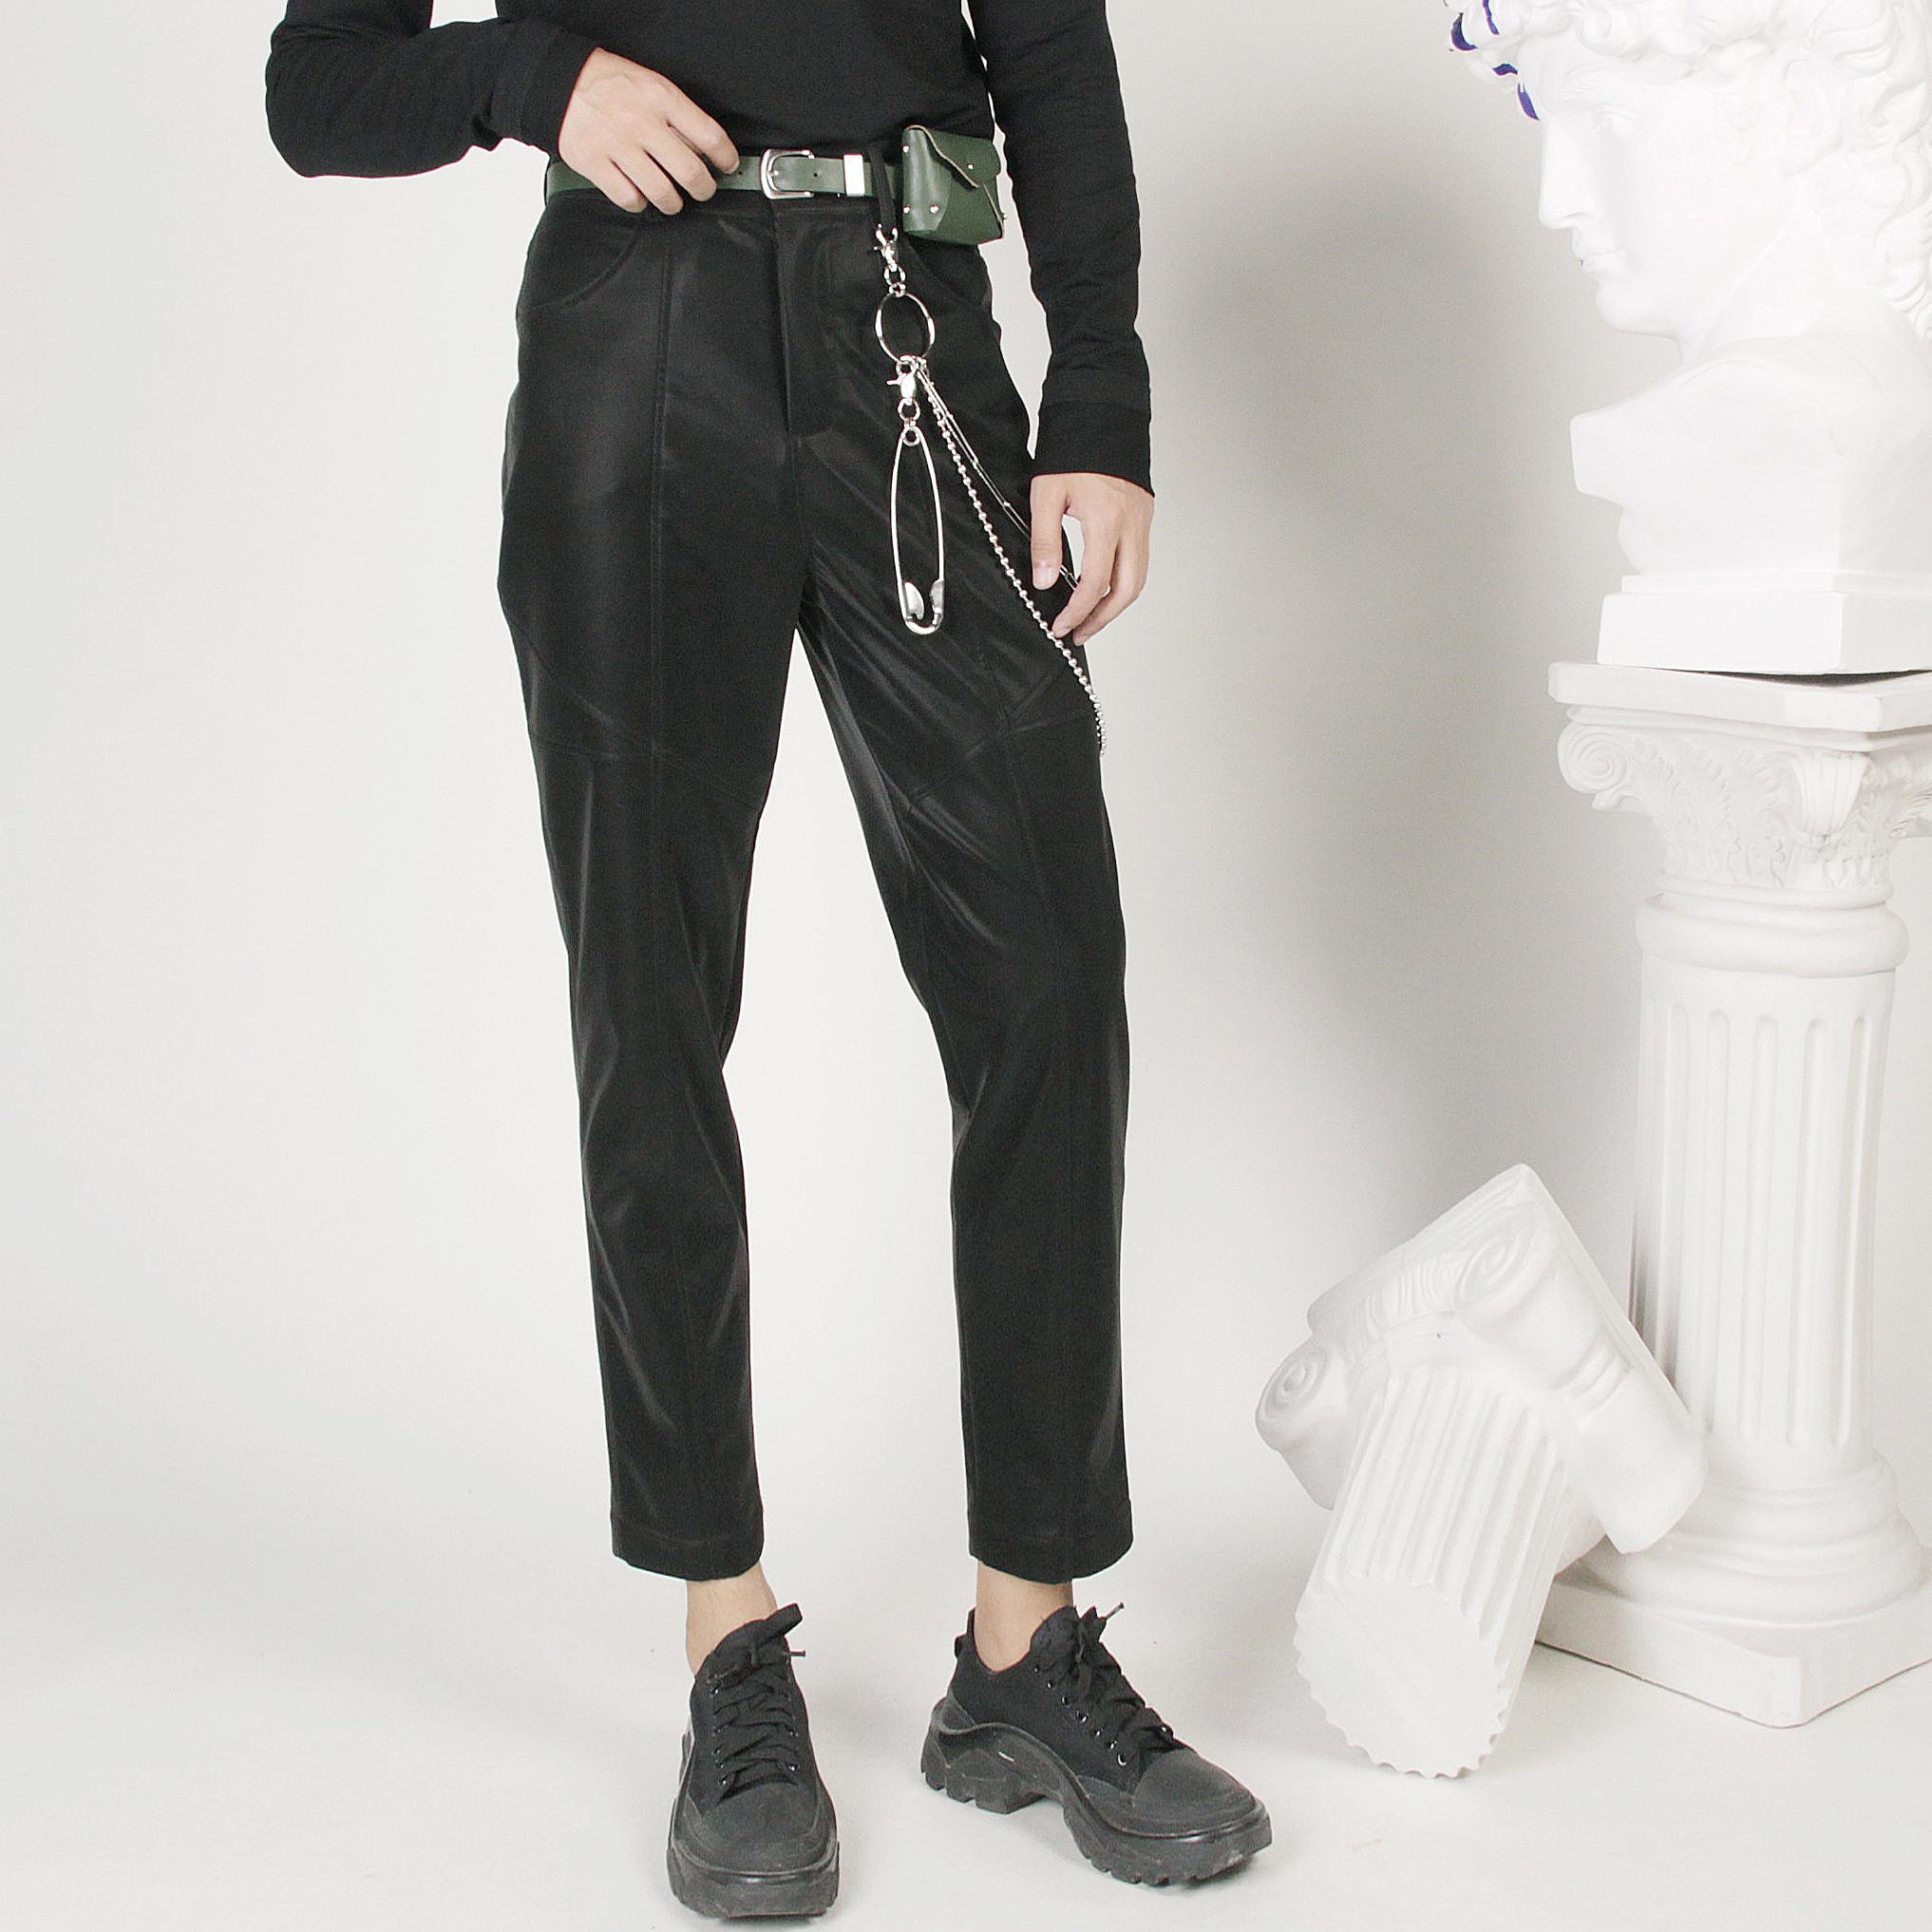 Кожаные брюки Артикул 575957121455